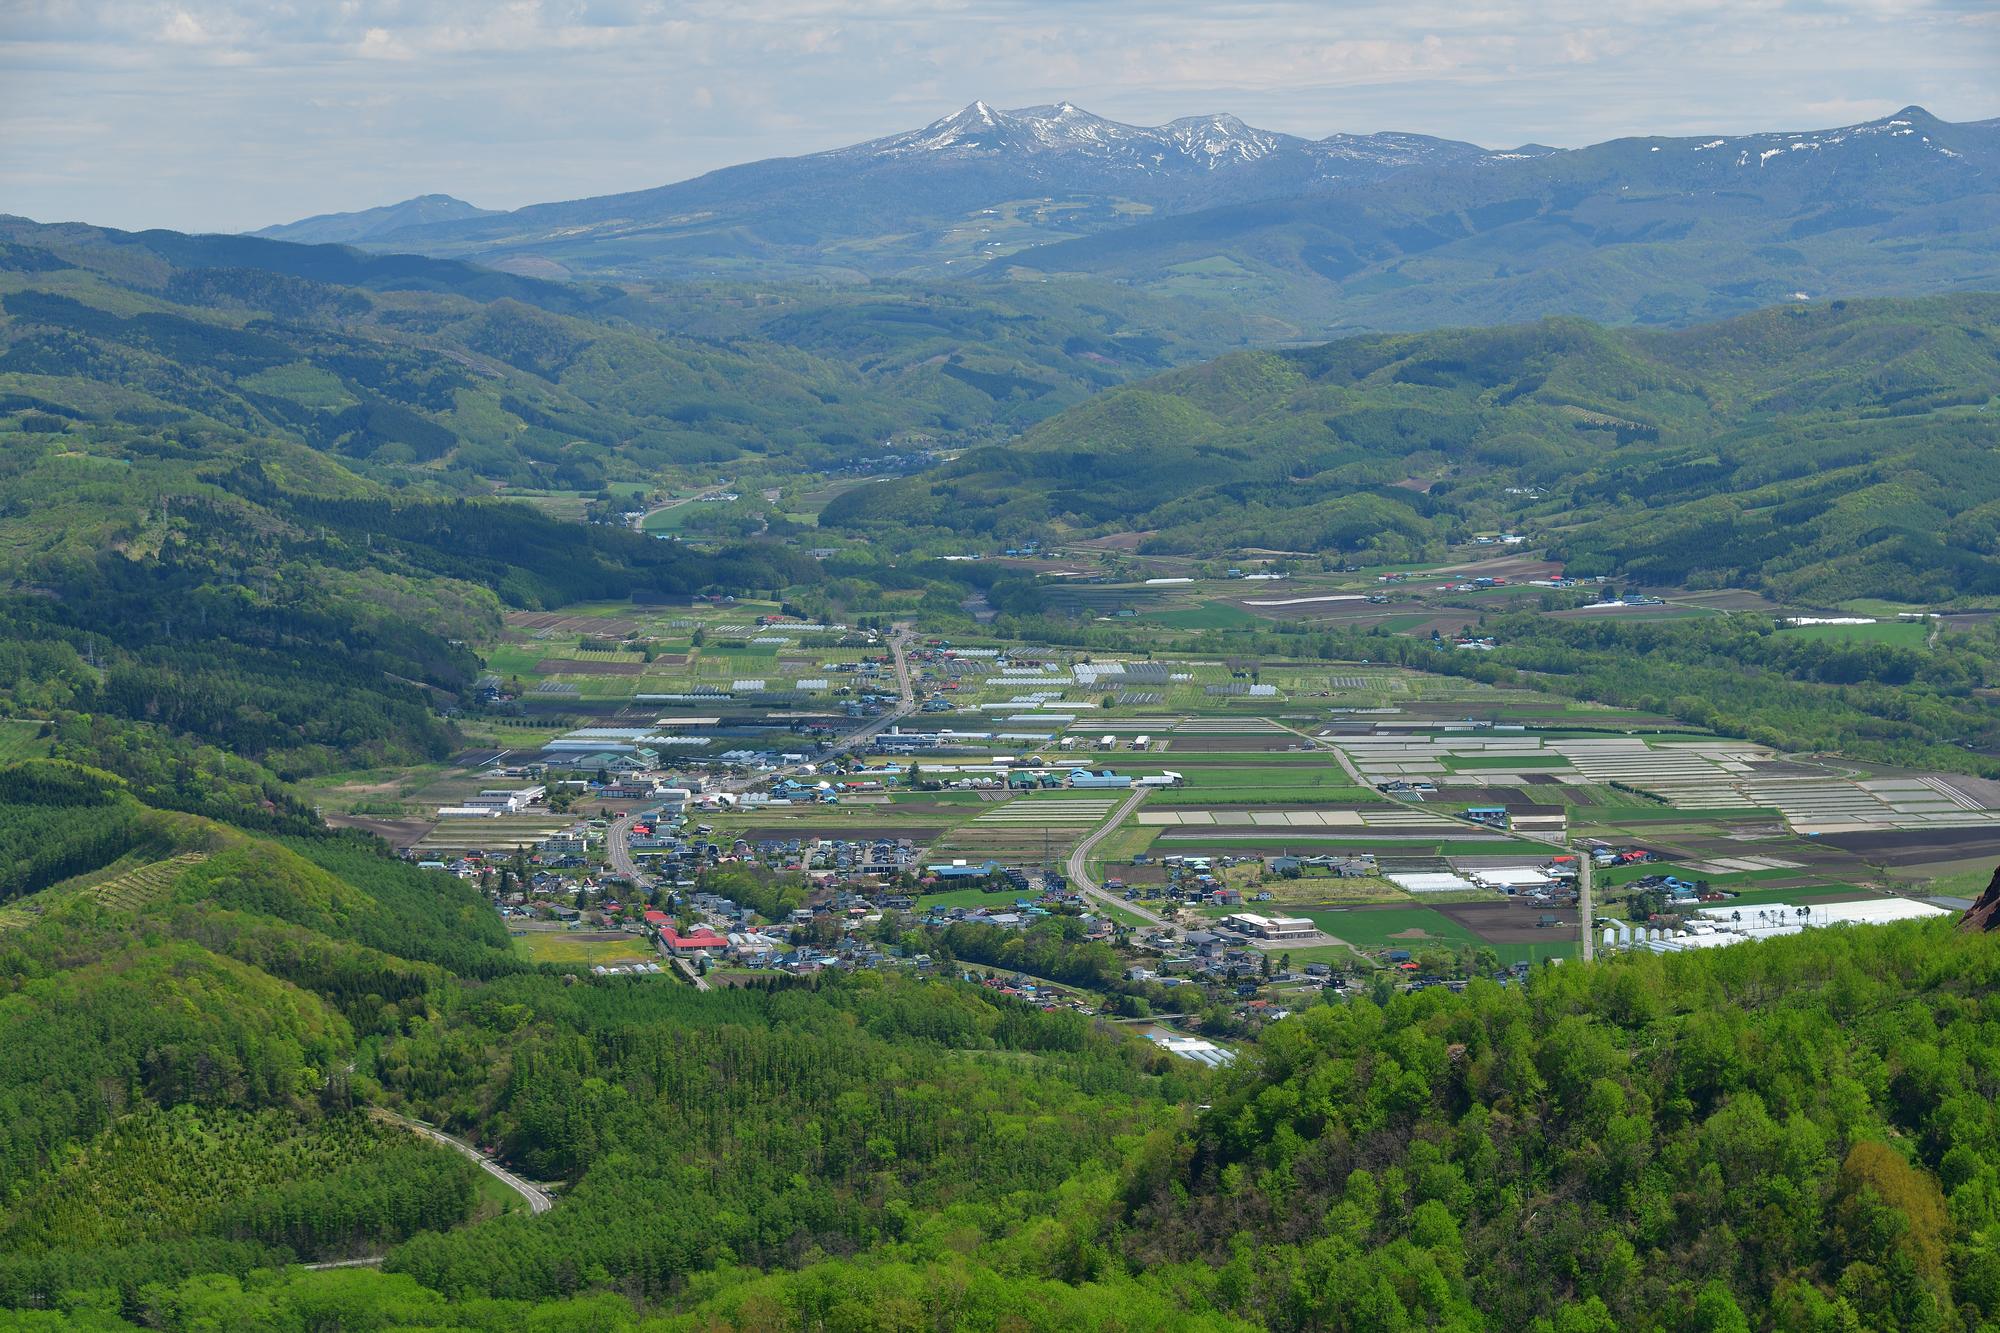 北海道壮瞥町有珠山の山頂展望台から洞爺湖の壮瞥町側の風景を撮影